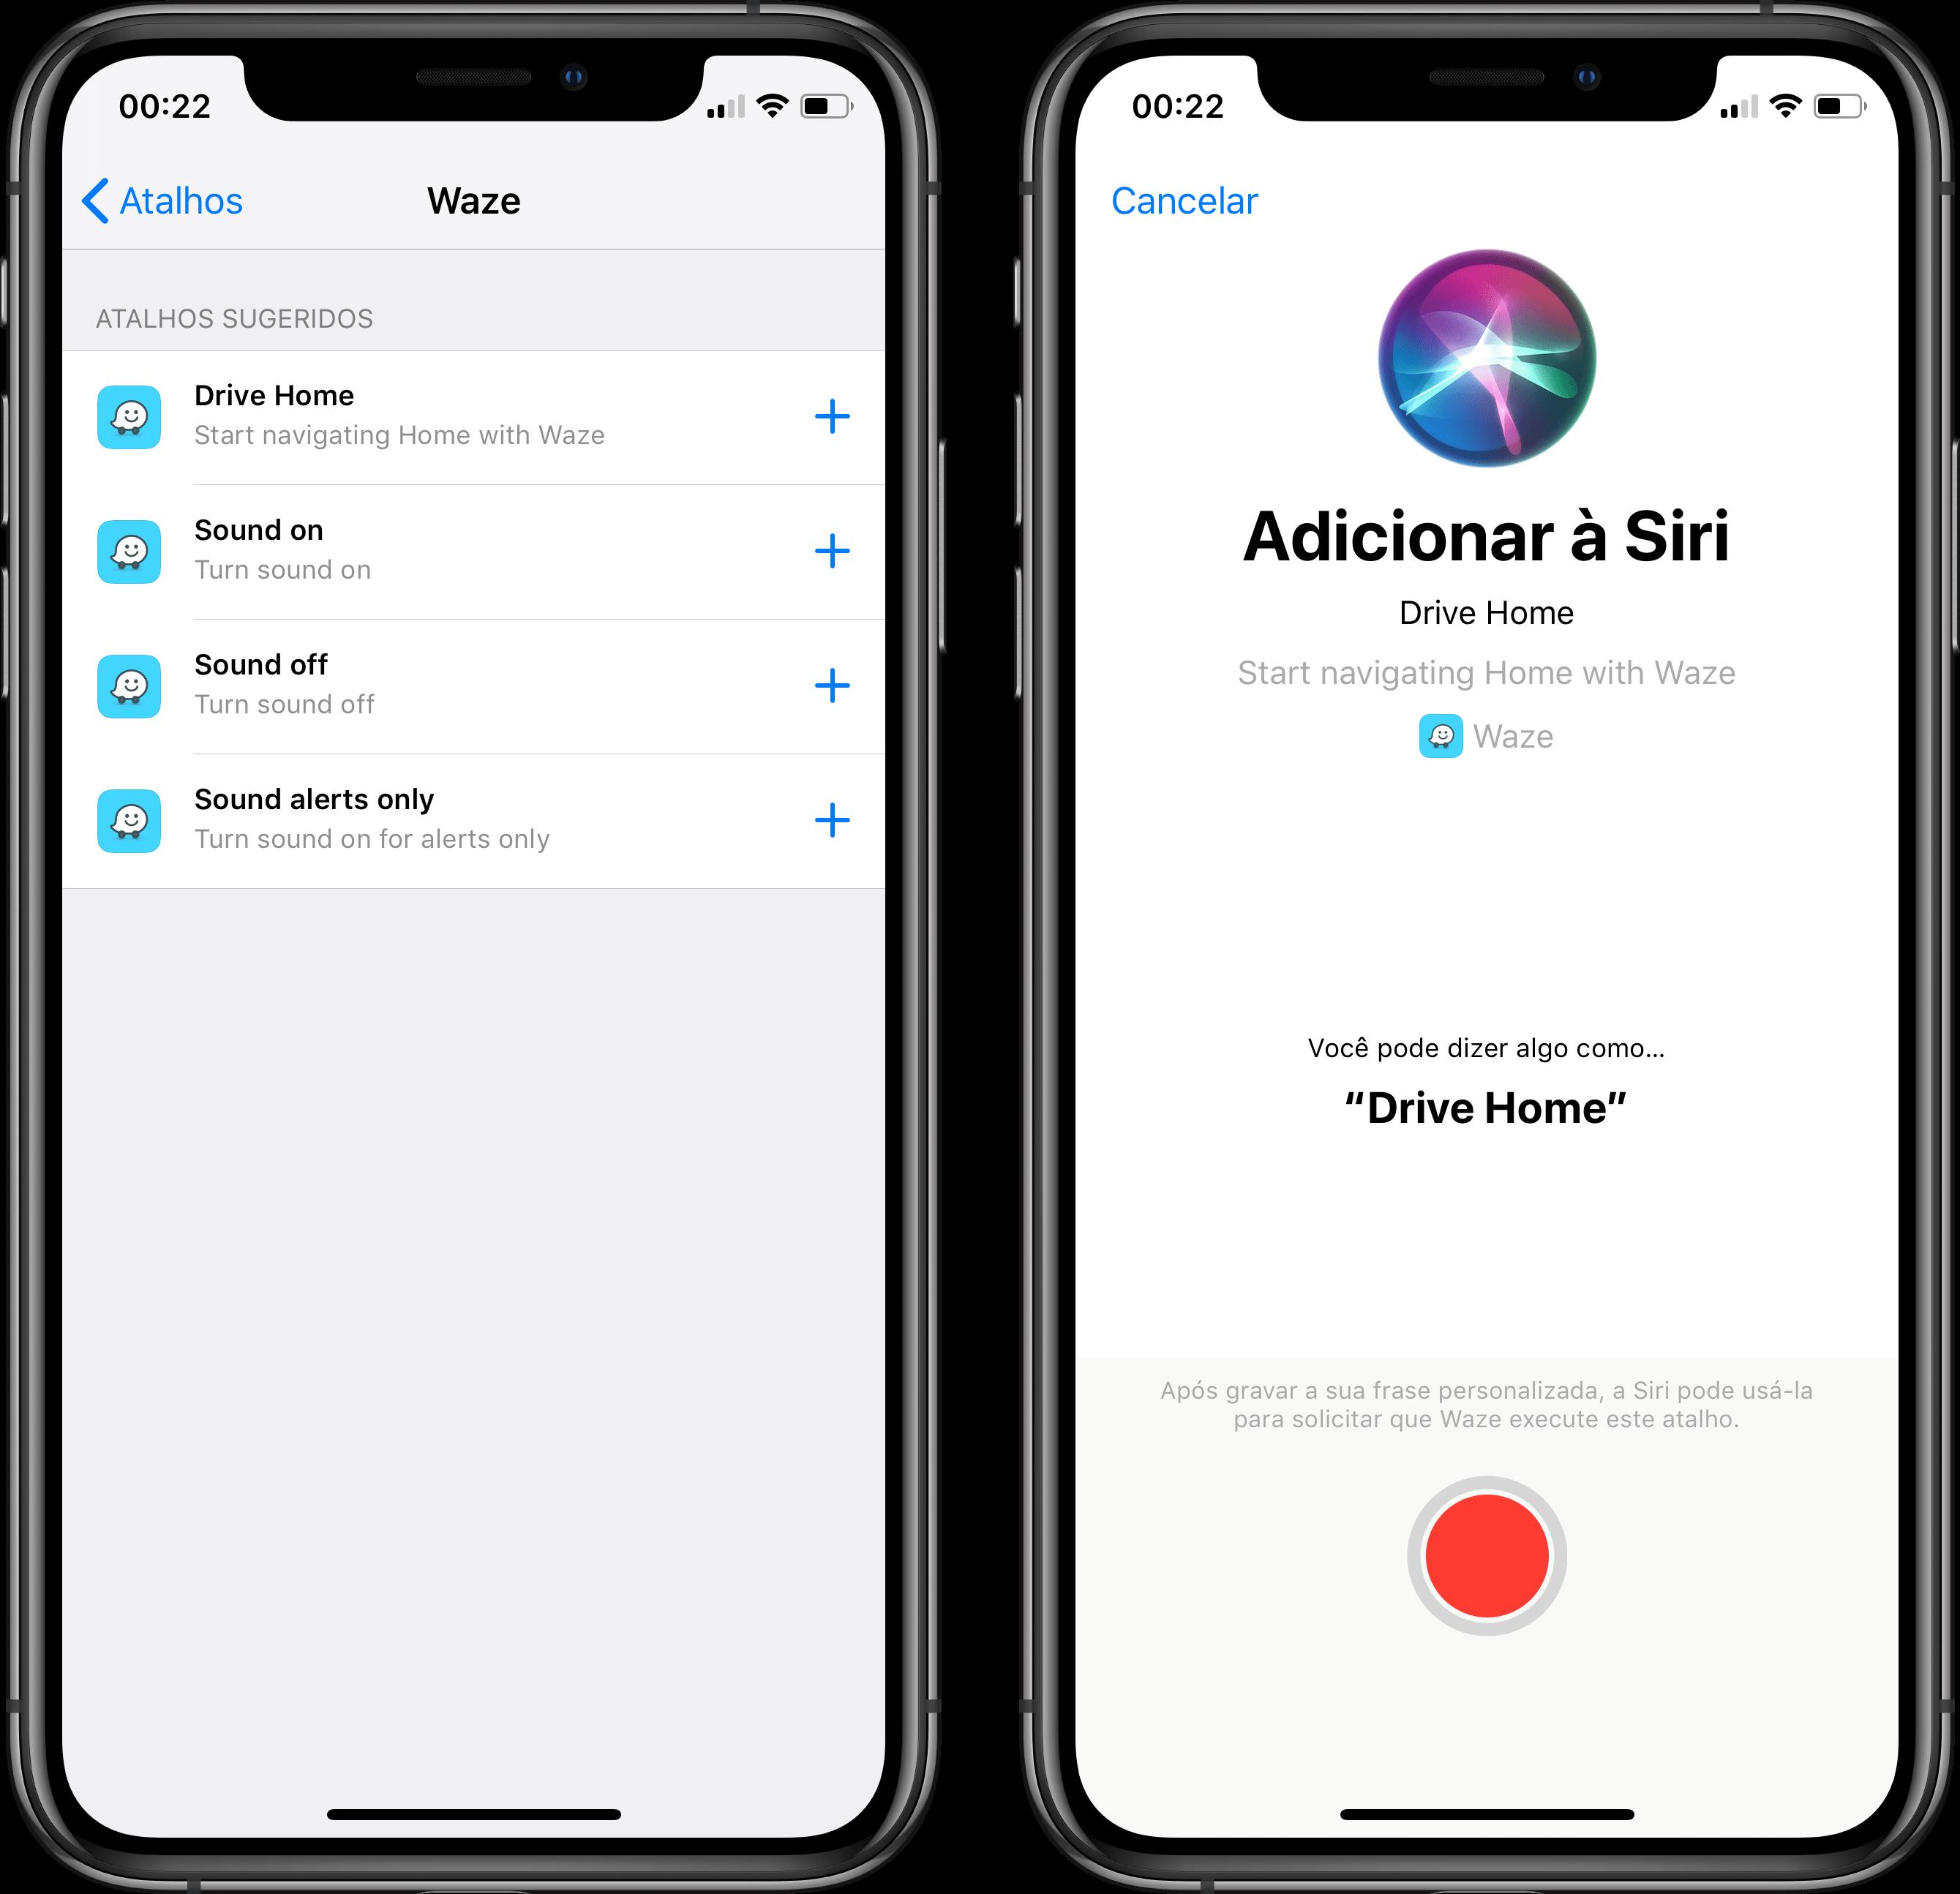 Atalhos da Siri no Waze